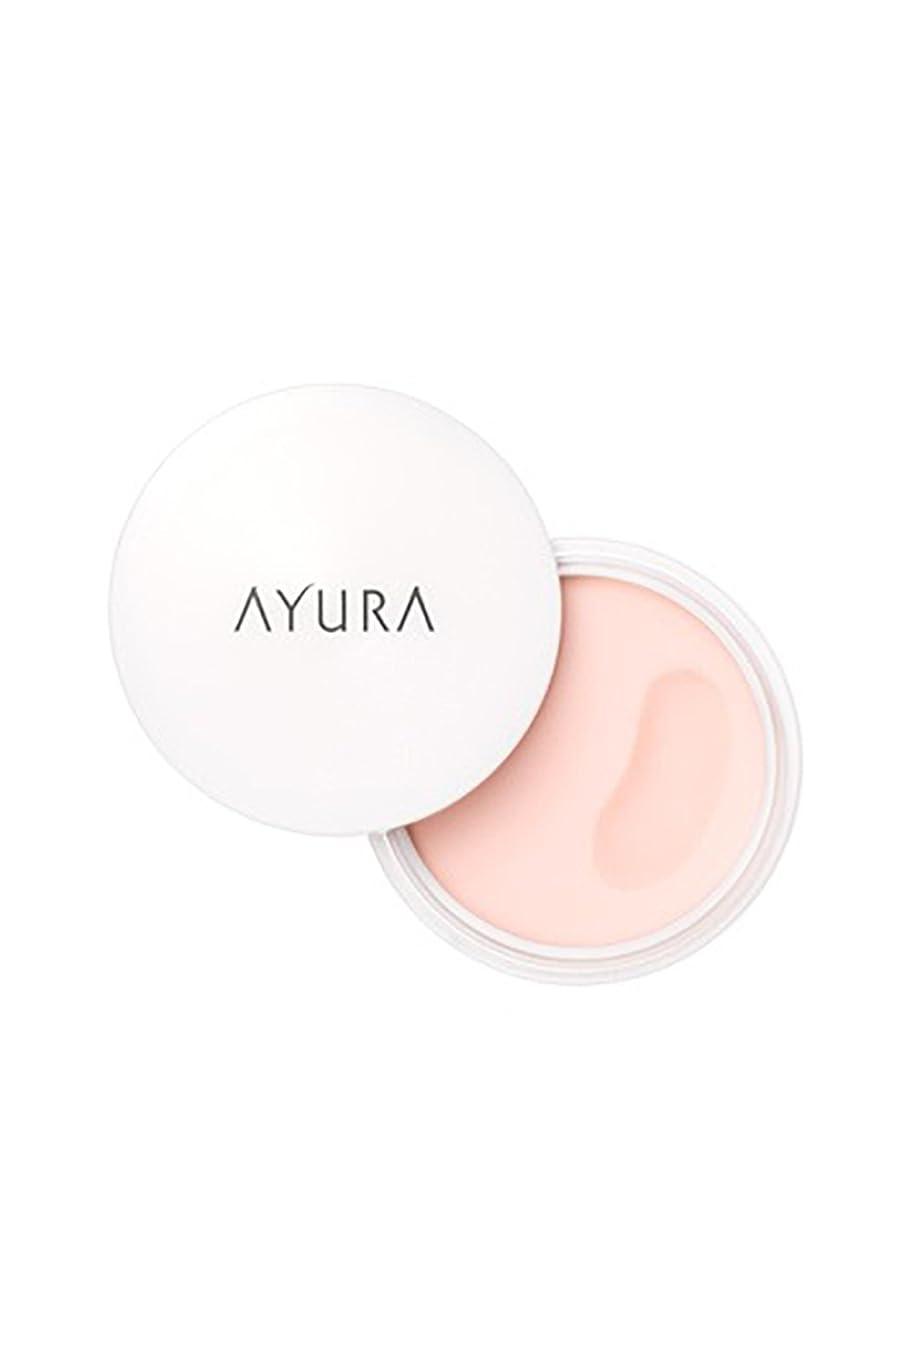 眠いですきつくそれらアユーラ (AYURA) オイルシャットデイセラム < 朝用練り美容液 > 10g 毛穴 化粧くずれ対策練り美容液